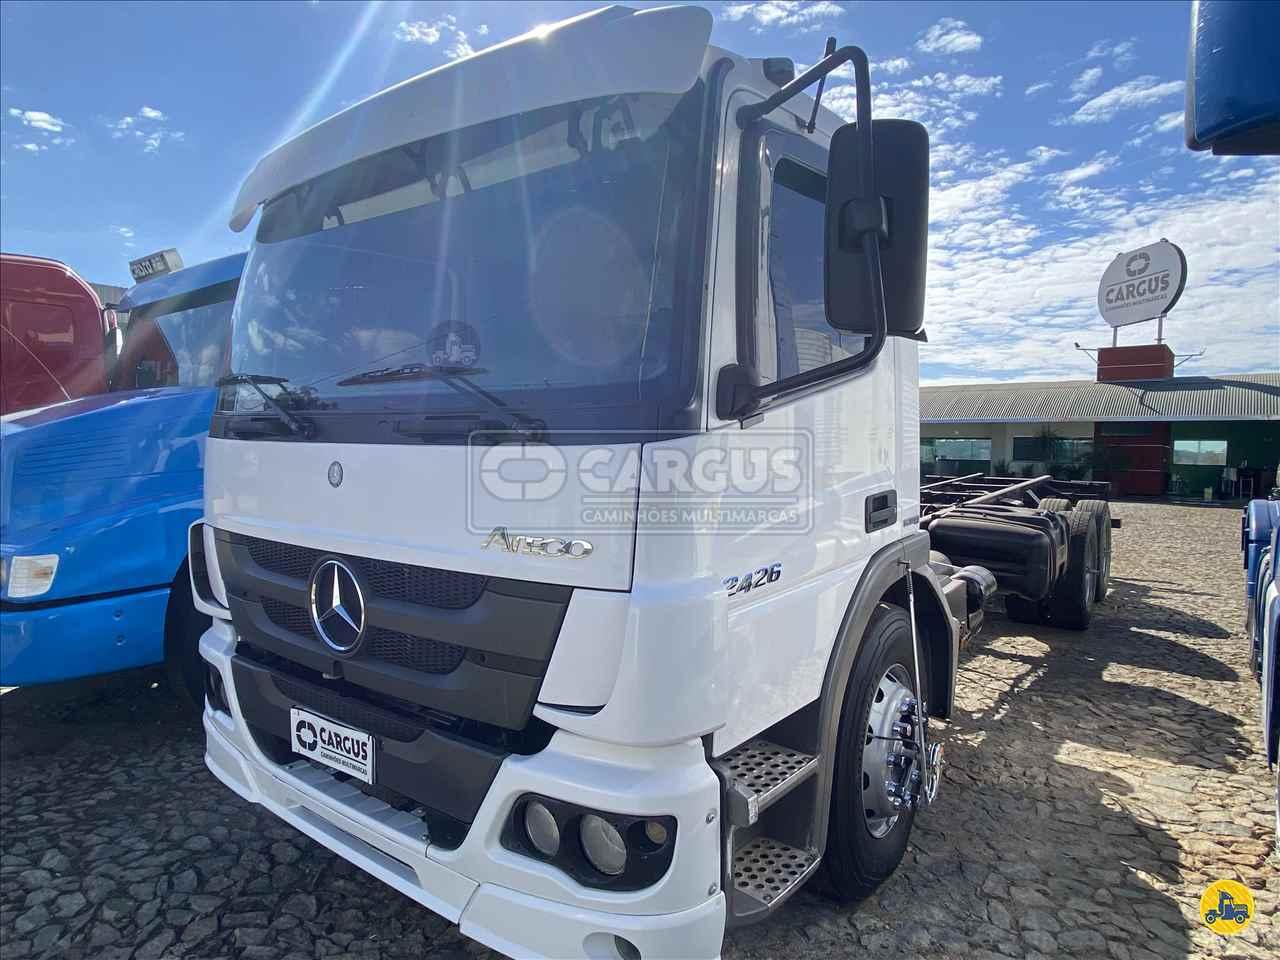 CAMINHAO MERCEDES-BENZ MB 2426 Chassis Truck 6x2 Cargus Veículos PARA DE MINAS MINAS GERAIS MG